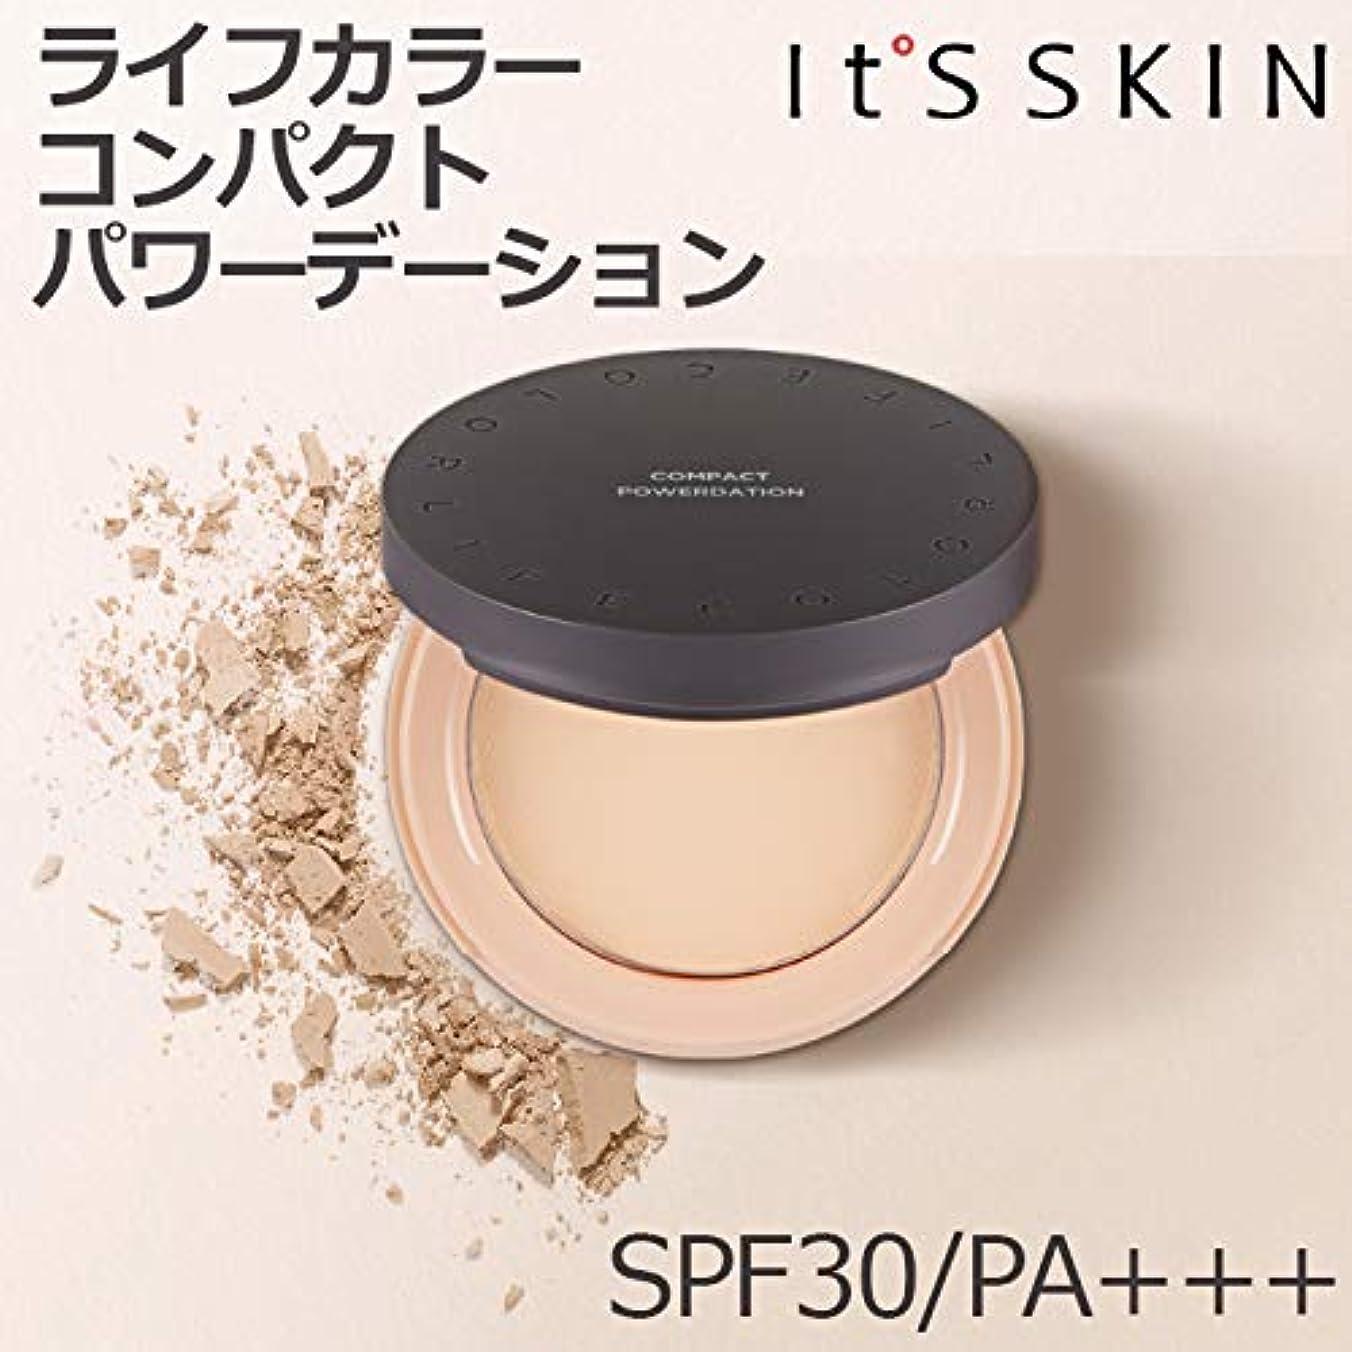 タヒチ傾くバッテリーIts skin イッツスキン ライフ カラー コンパクト パワー デーション 13g (2カラー 選択1) 23号 メディウム,パウダー